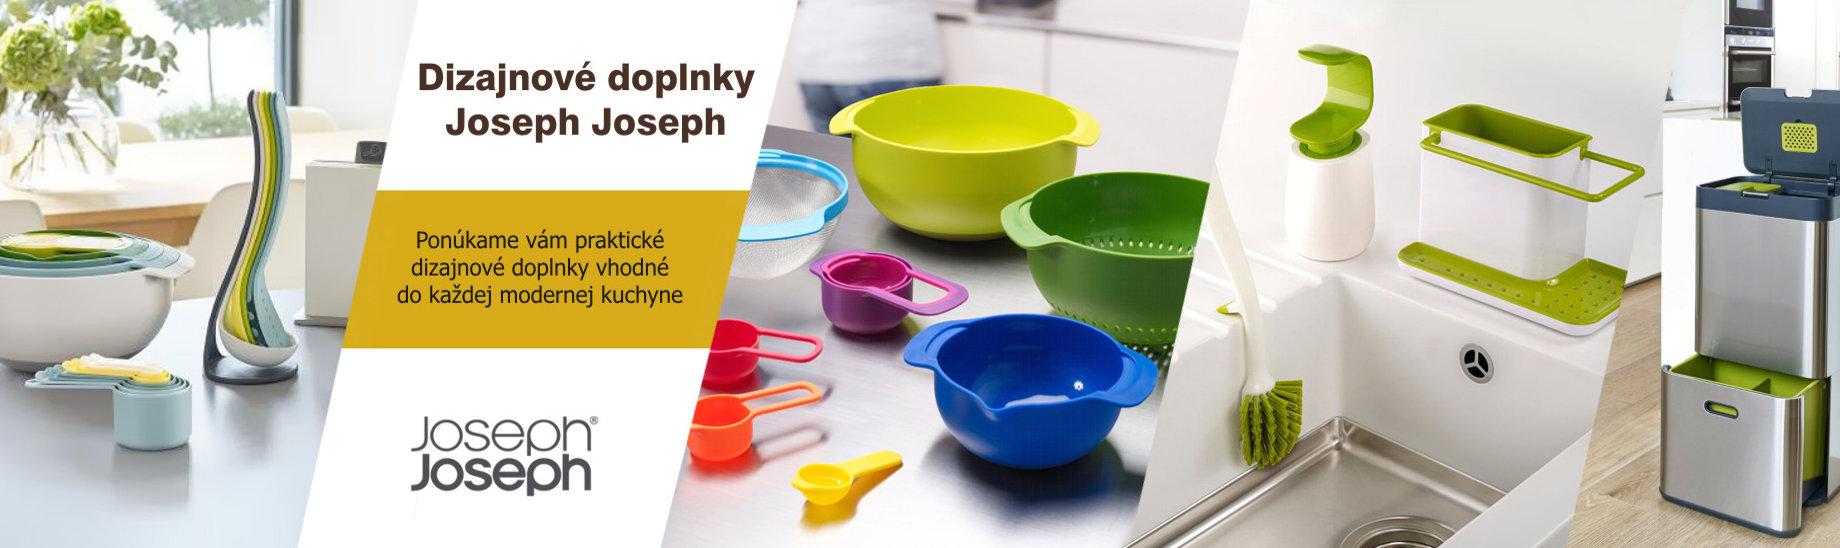 Dizajnové doplnky Joseph